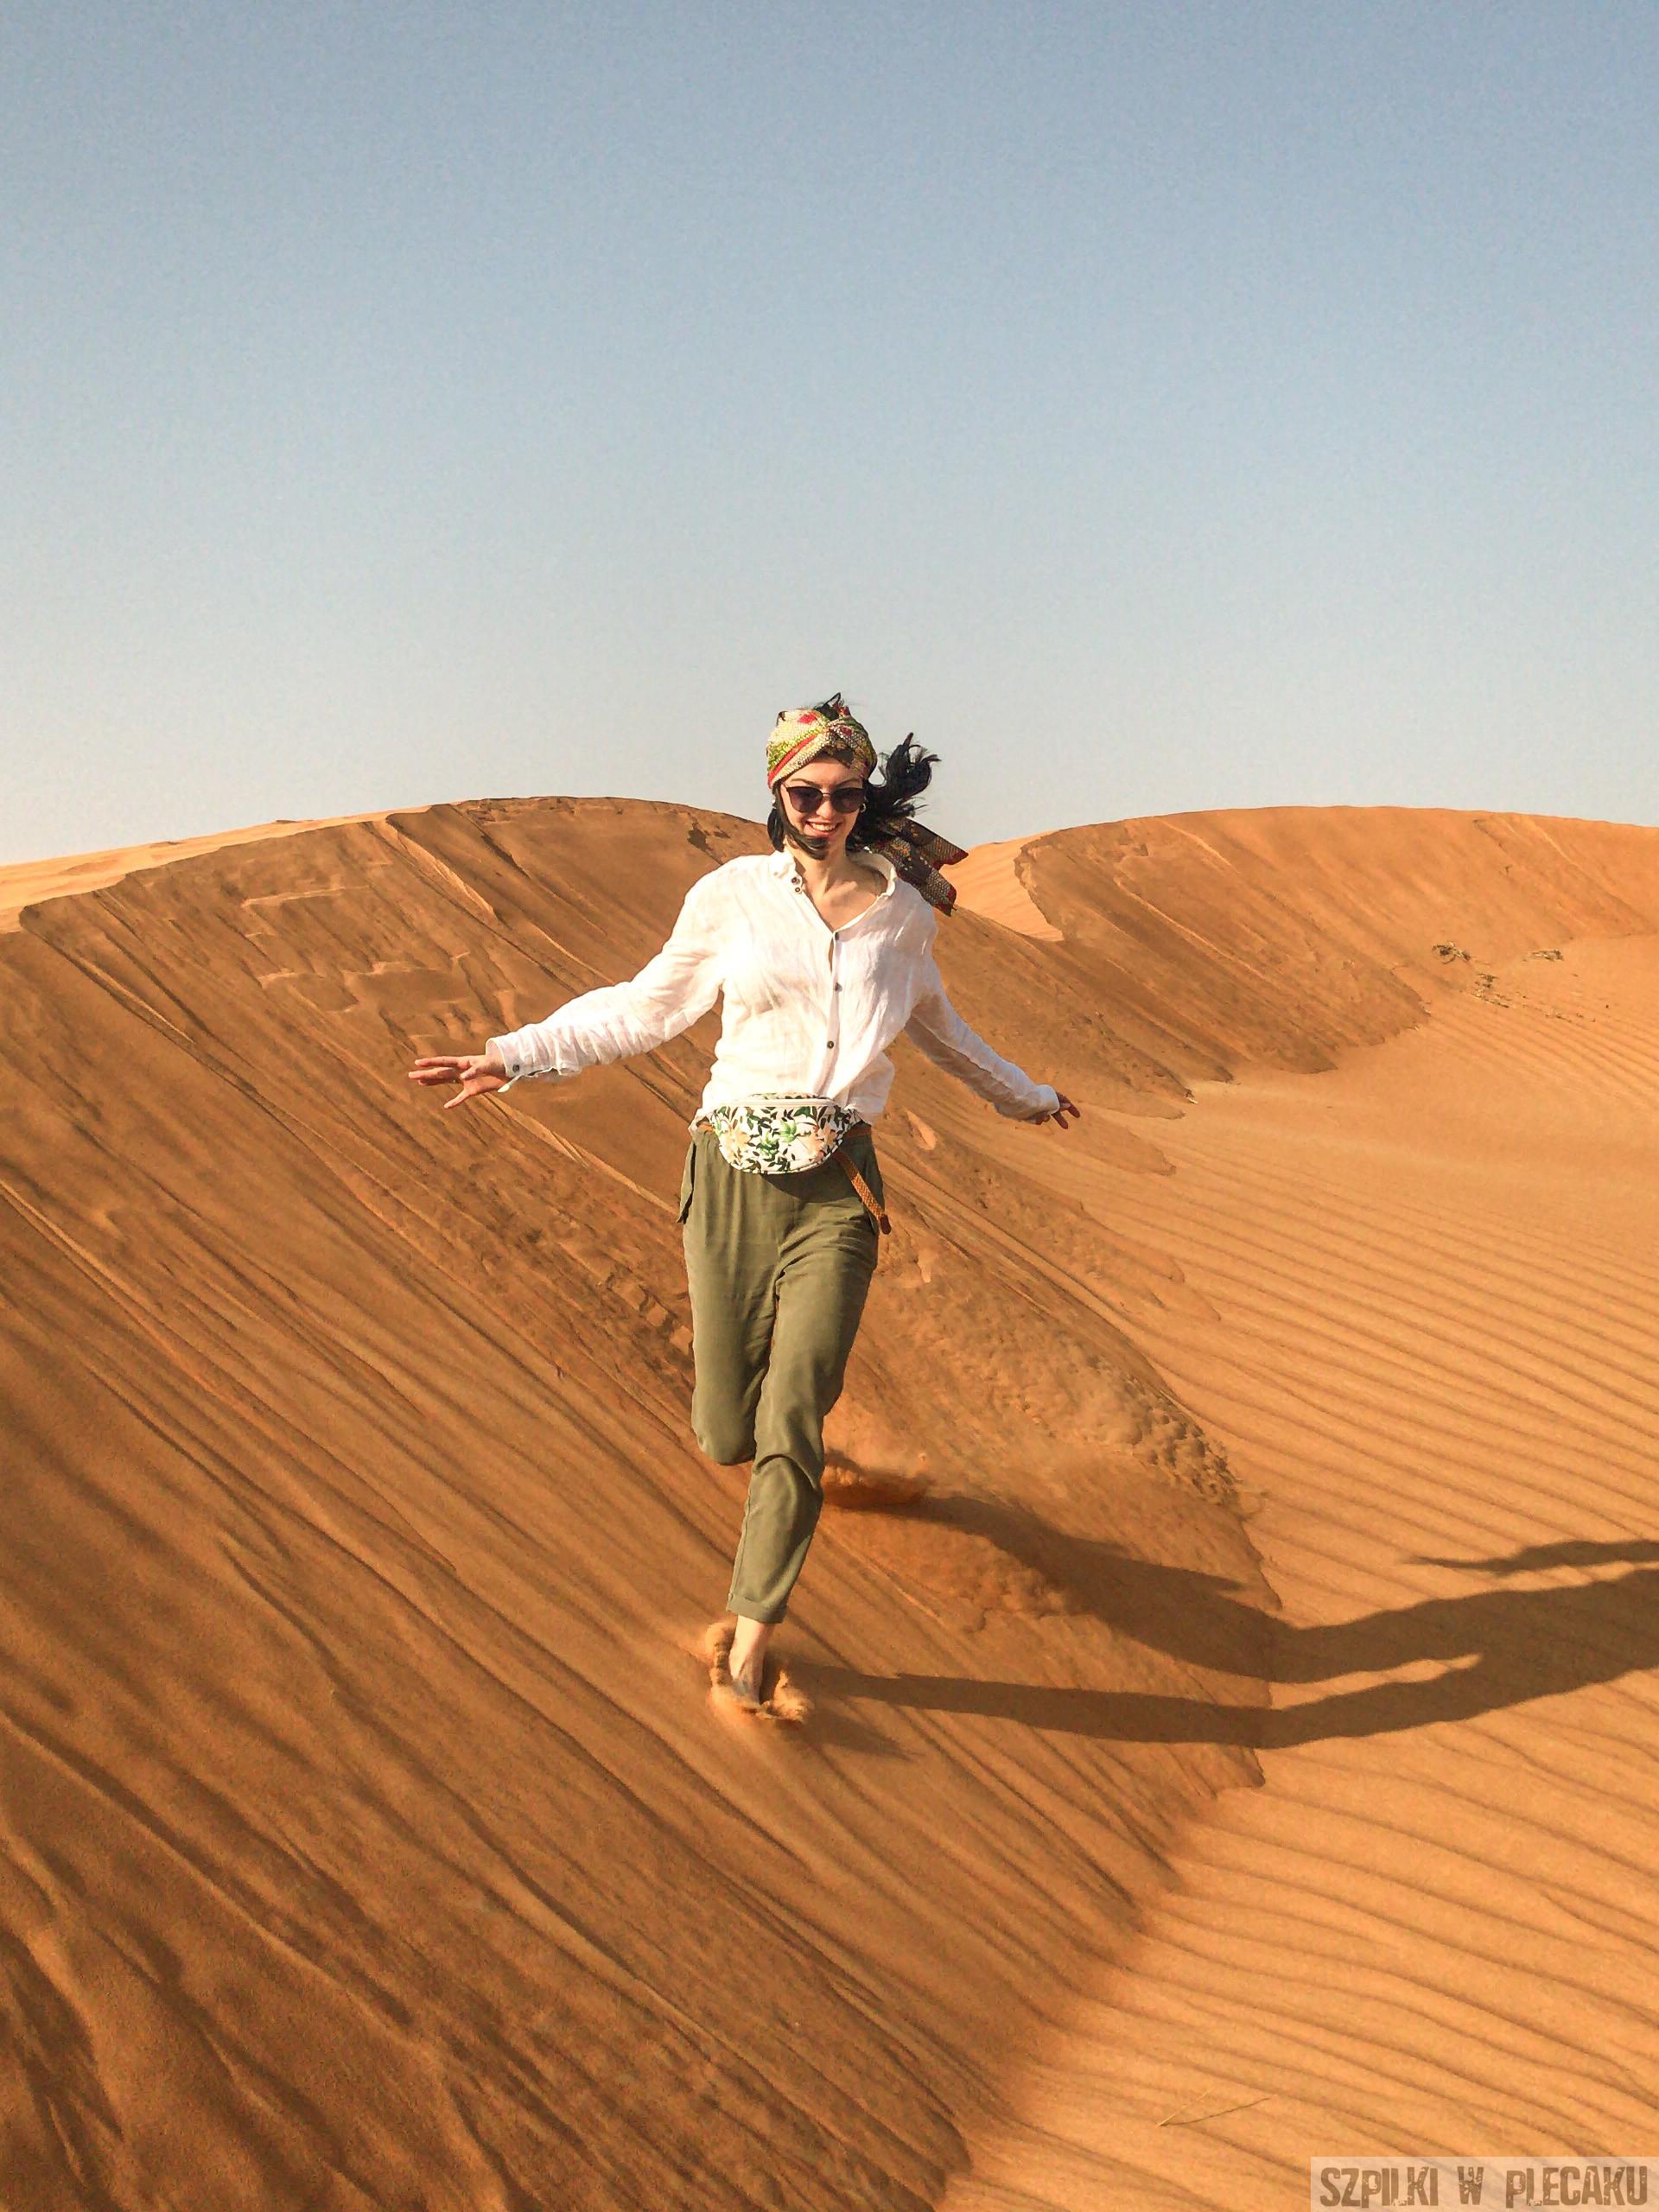 Pustynia w Dubaju - Dubaj inaczej z przygodą i adrenaliną - Szpilki w plecaku